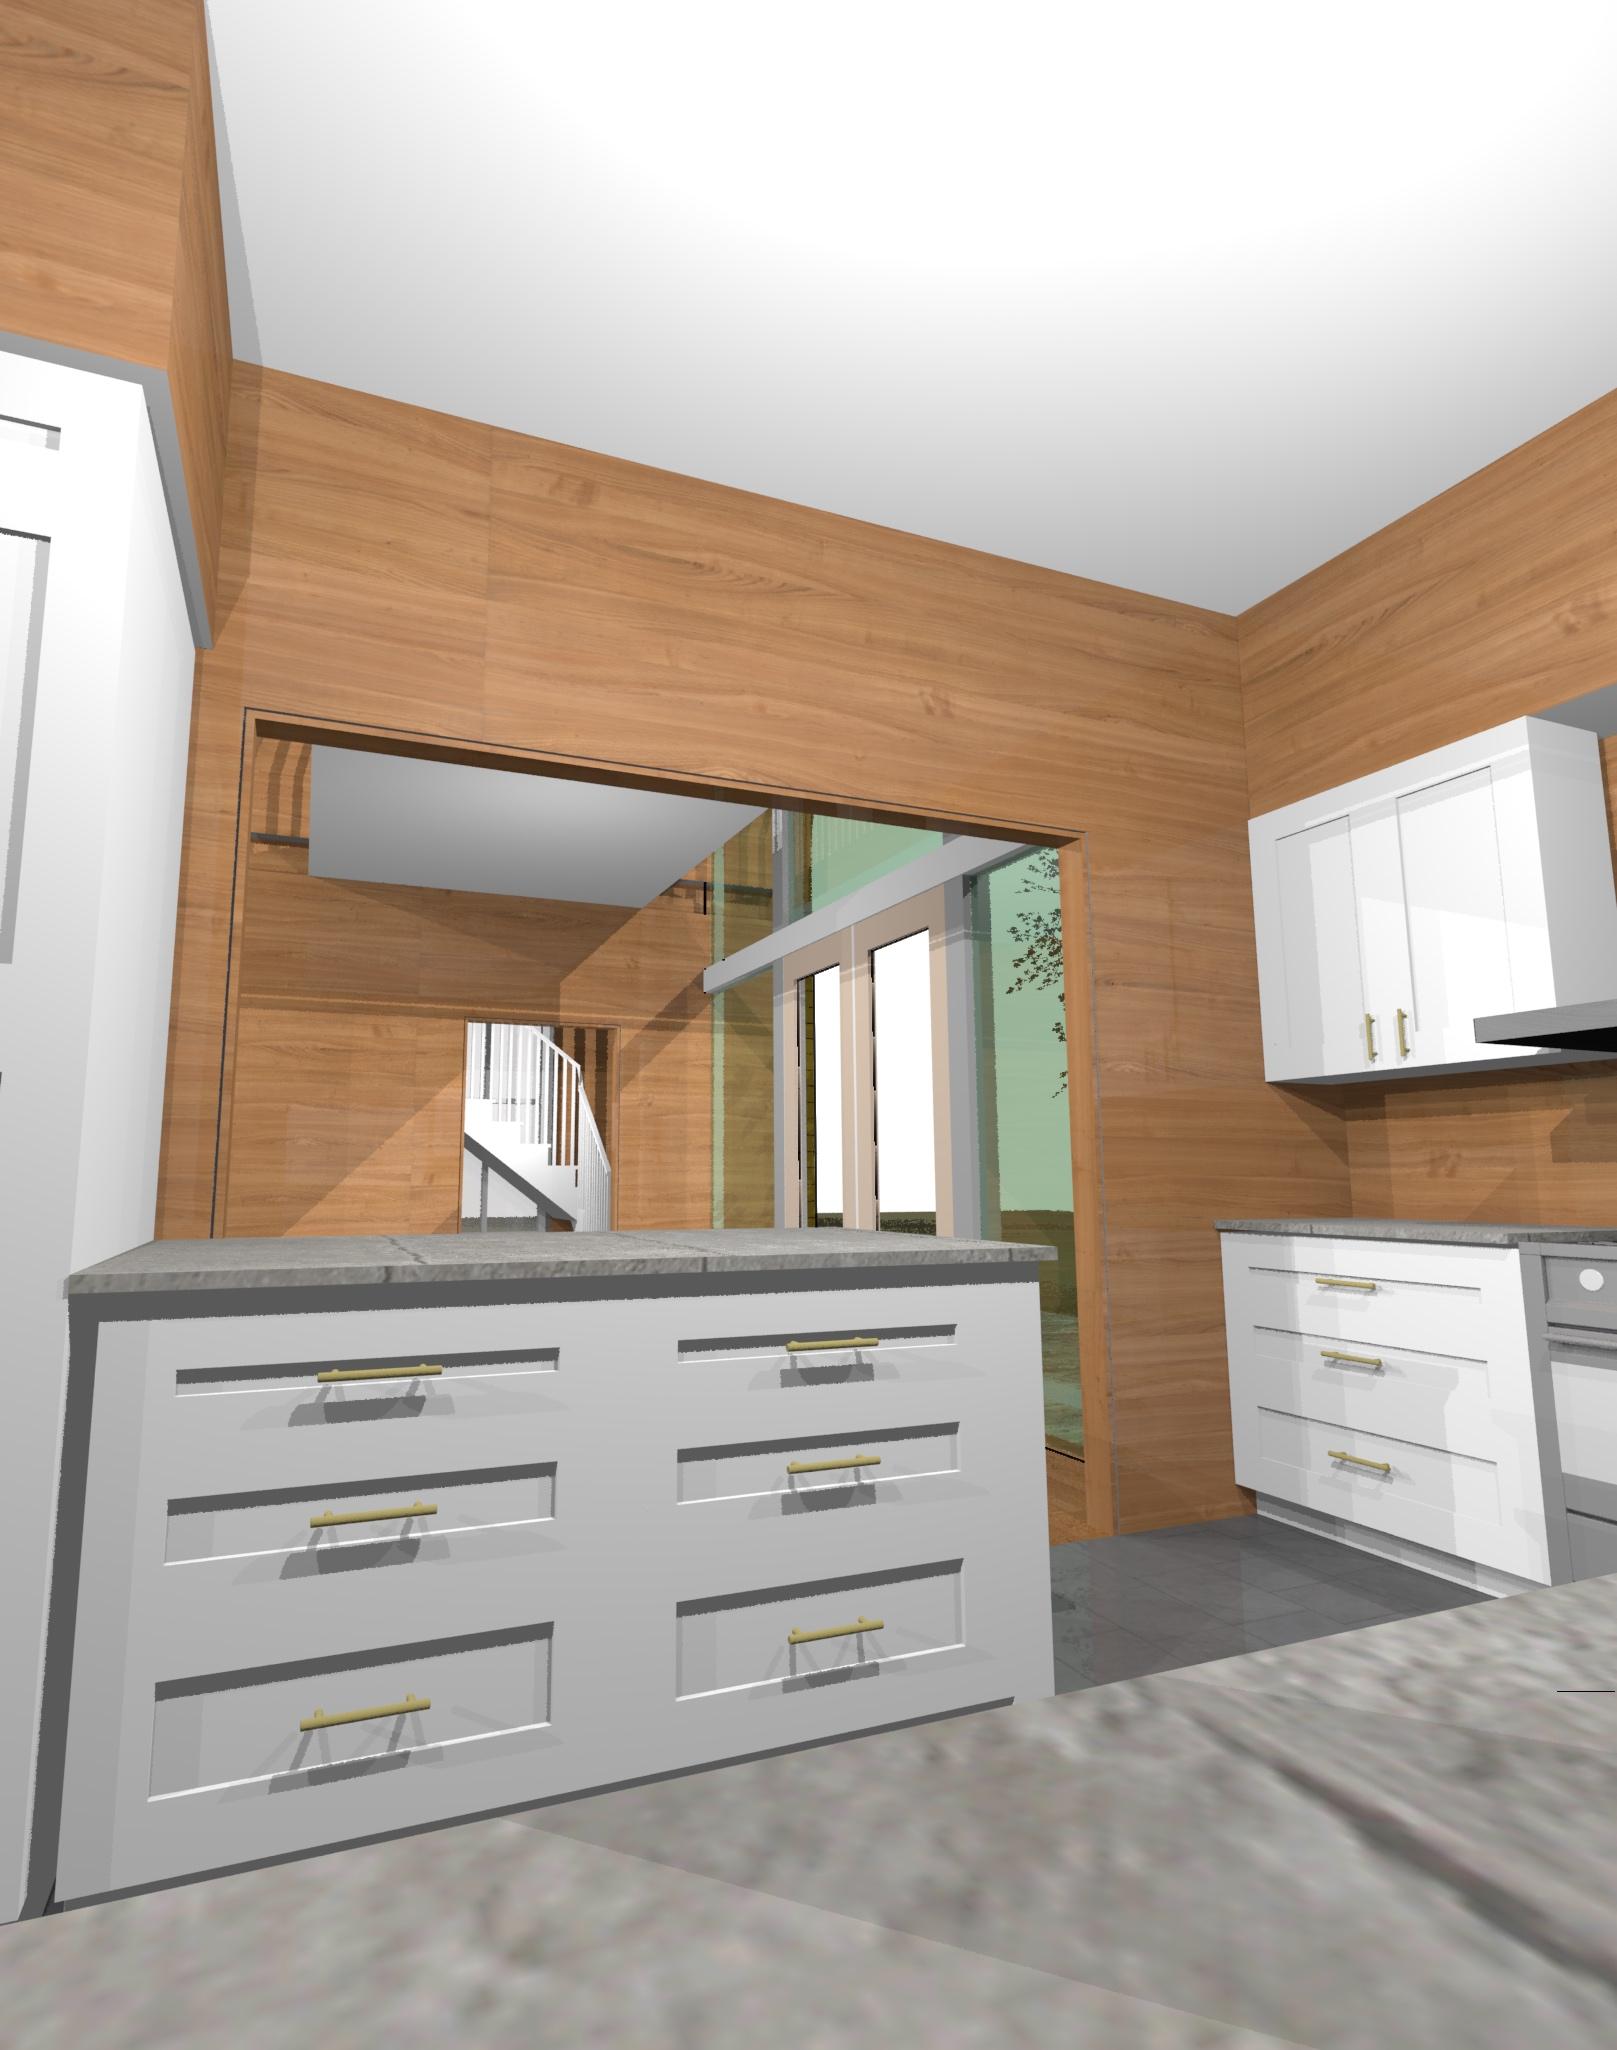 TH-3 GOTHIK BARN v31 kitchen to entryjpg.jpg